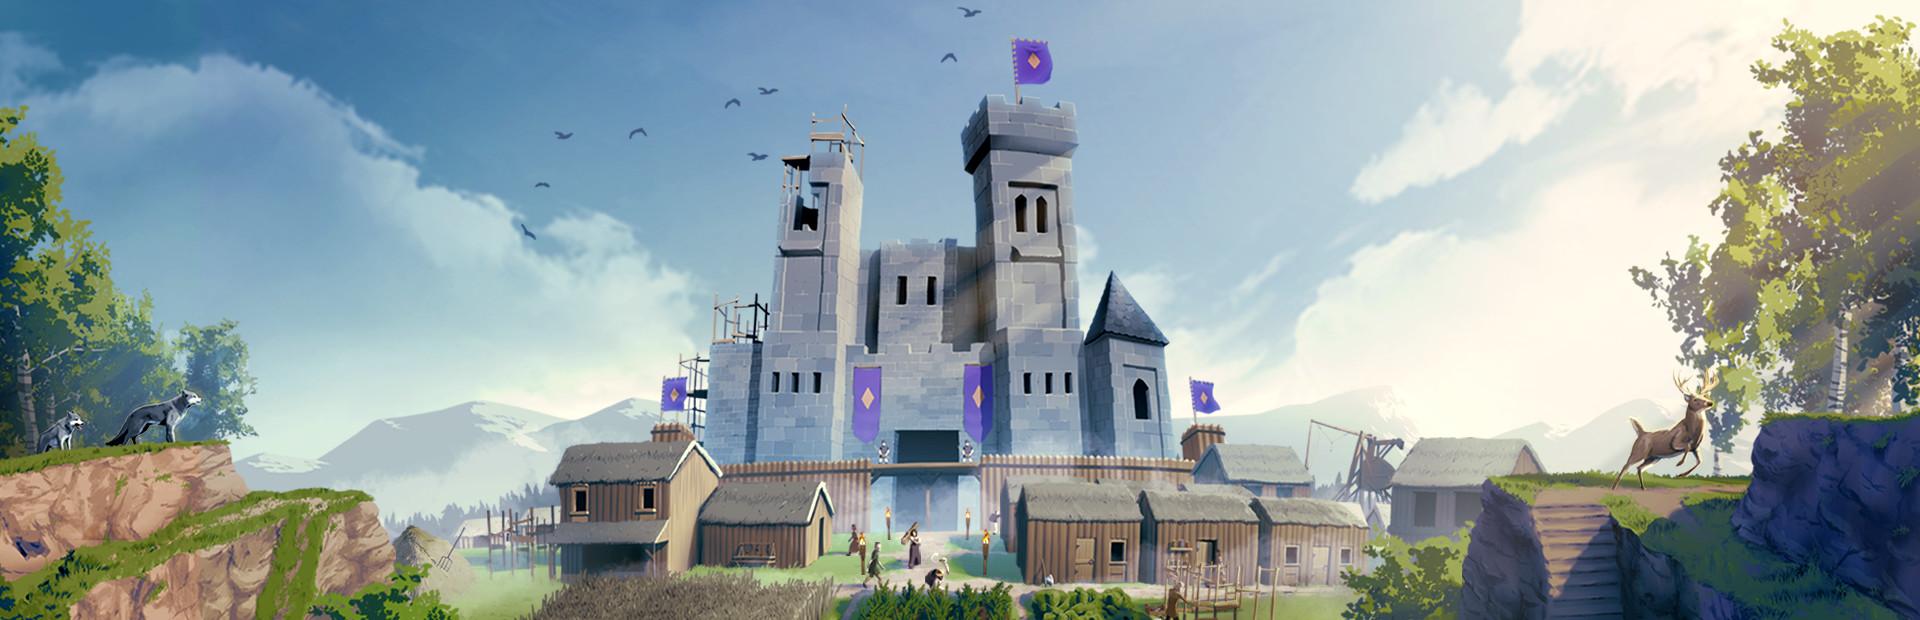 《前往中世纪》成功居于首位 Steam新一周销量排行榜 游戏资讯 第1张